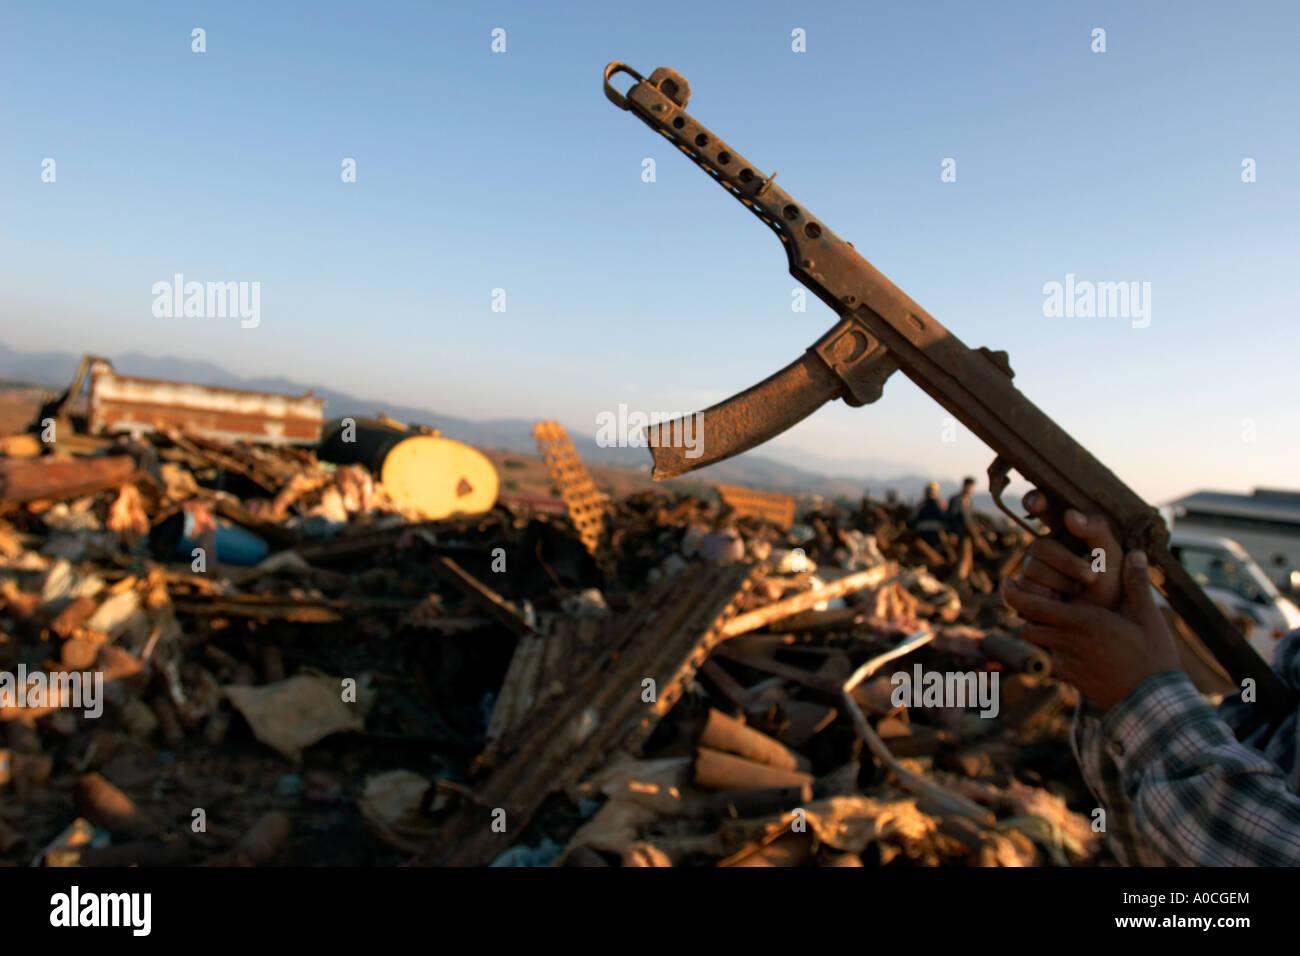 War scrap at a junkyard in Phonsavan, Laos - Stock Image